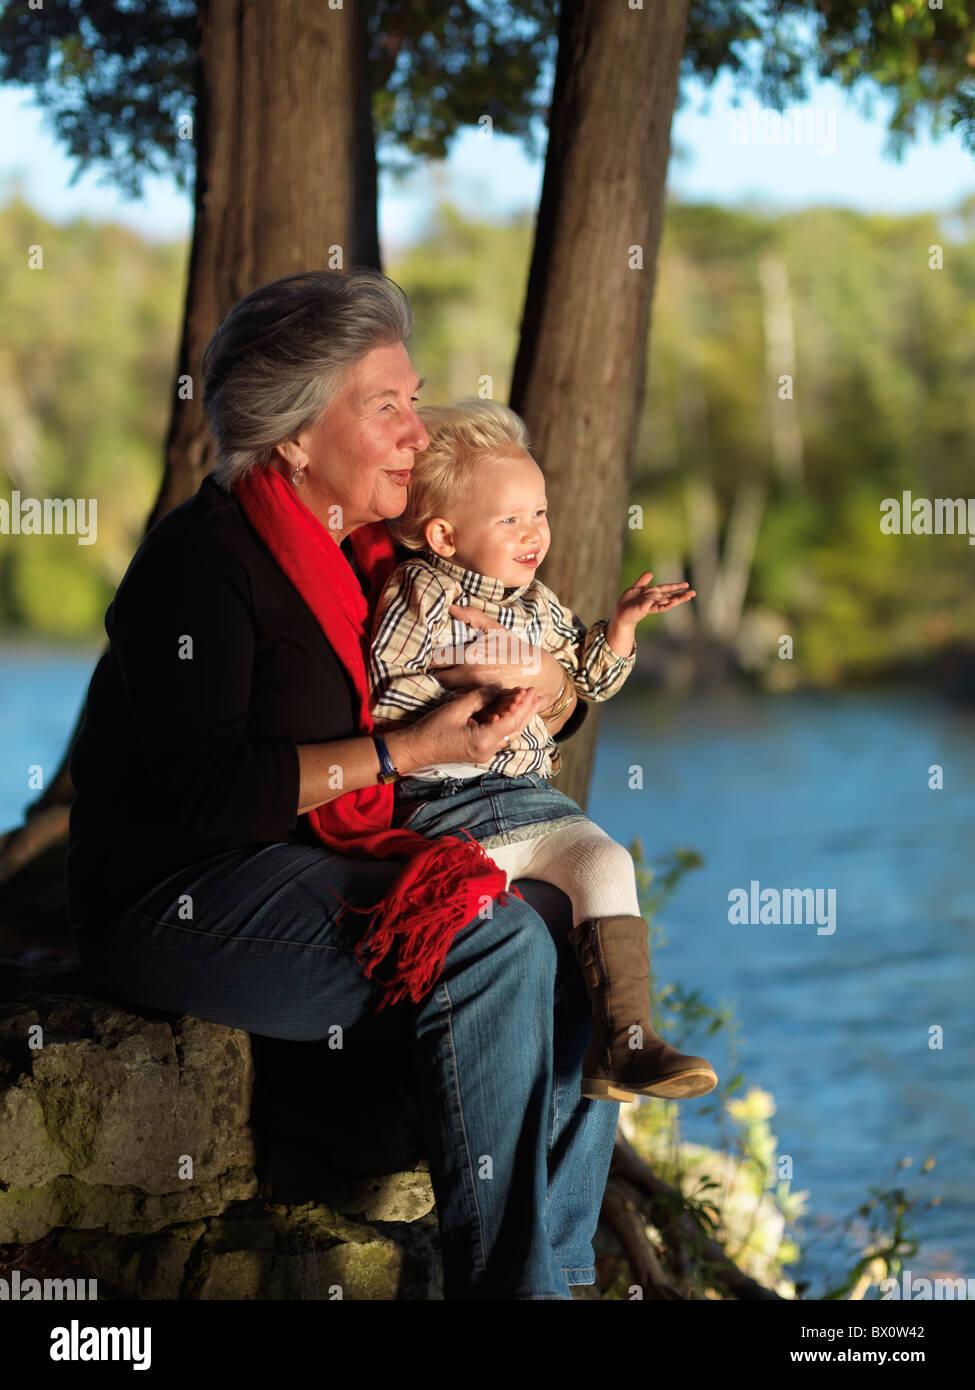 Grand-mère avec sa petite fille, âgée de deux ans bénéficiant de leur temps dans la nature. L'Ontario, Canada. Banque D'Images